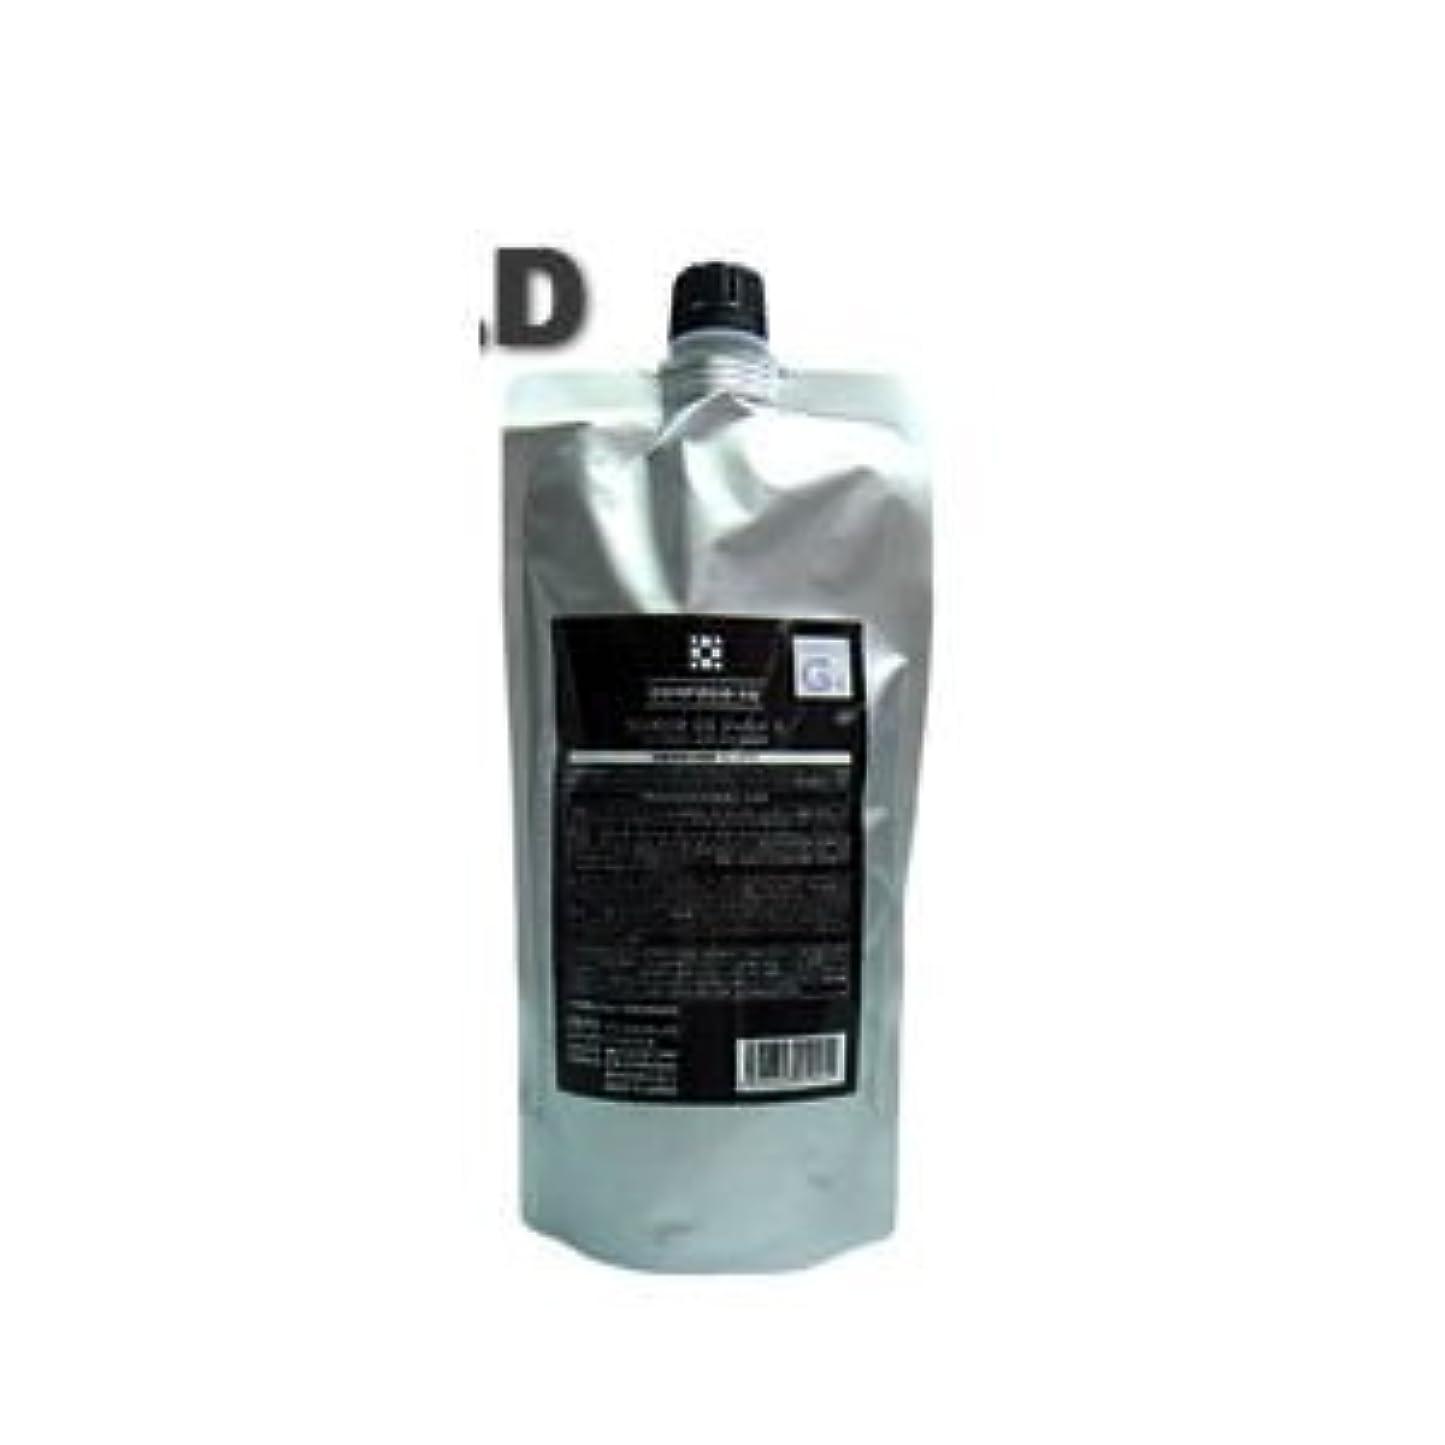 容赦ないクラッチストレスの多いデミ コンポジオ EQ シールド G 450g